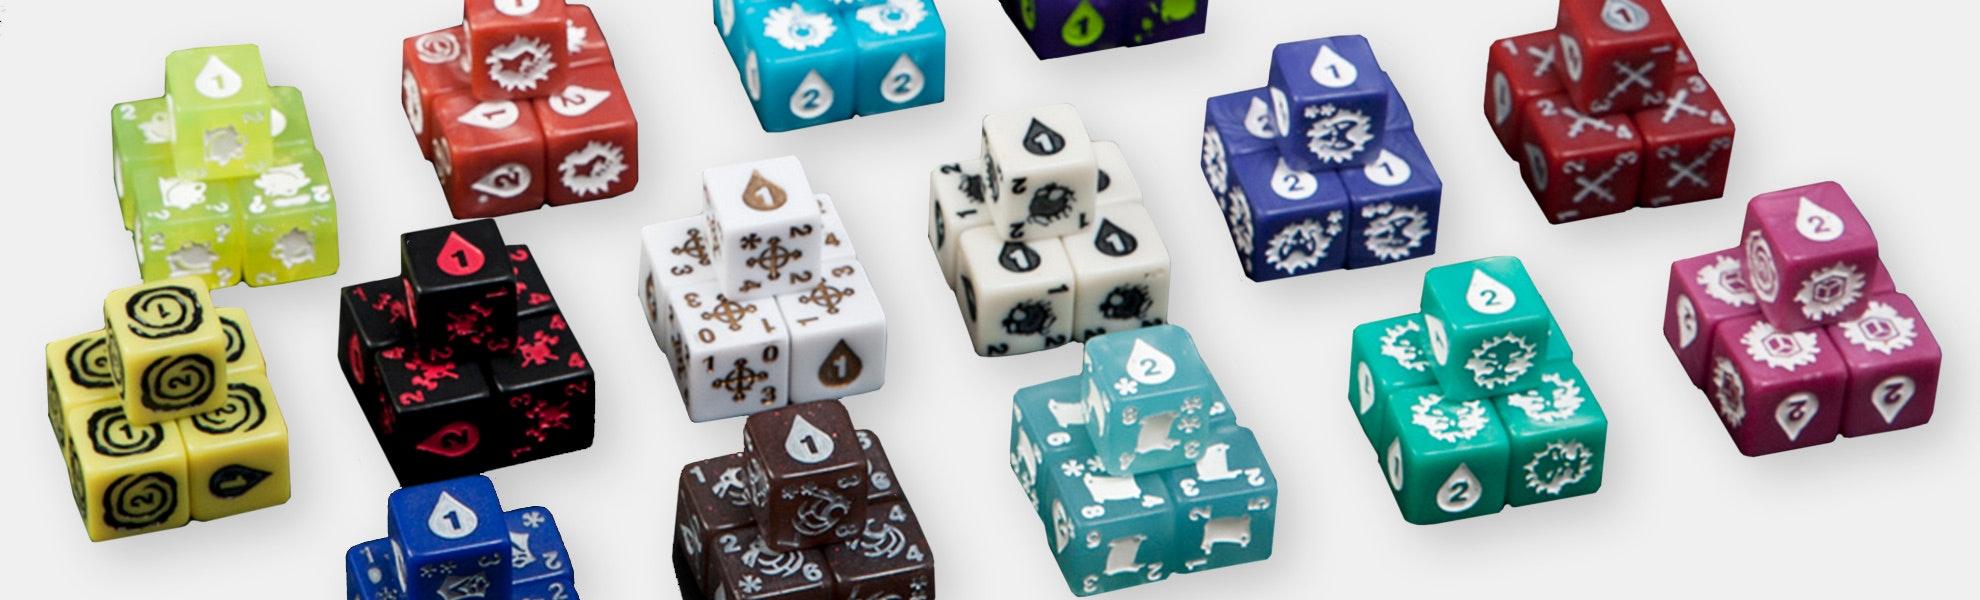 Quarriors Board Game Bundle